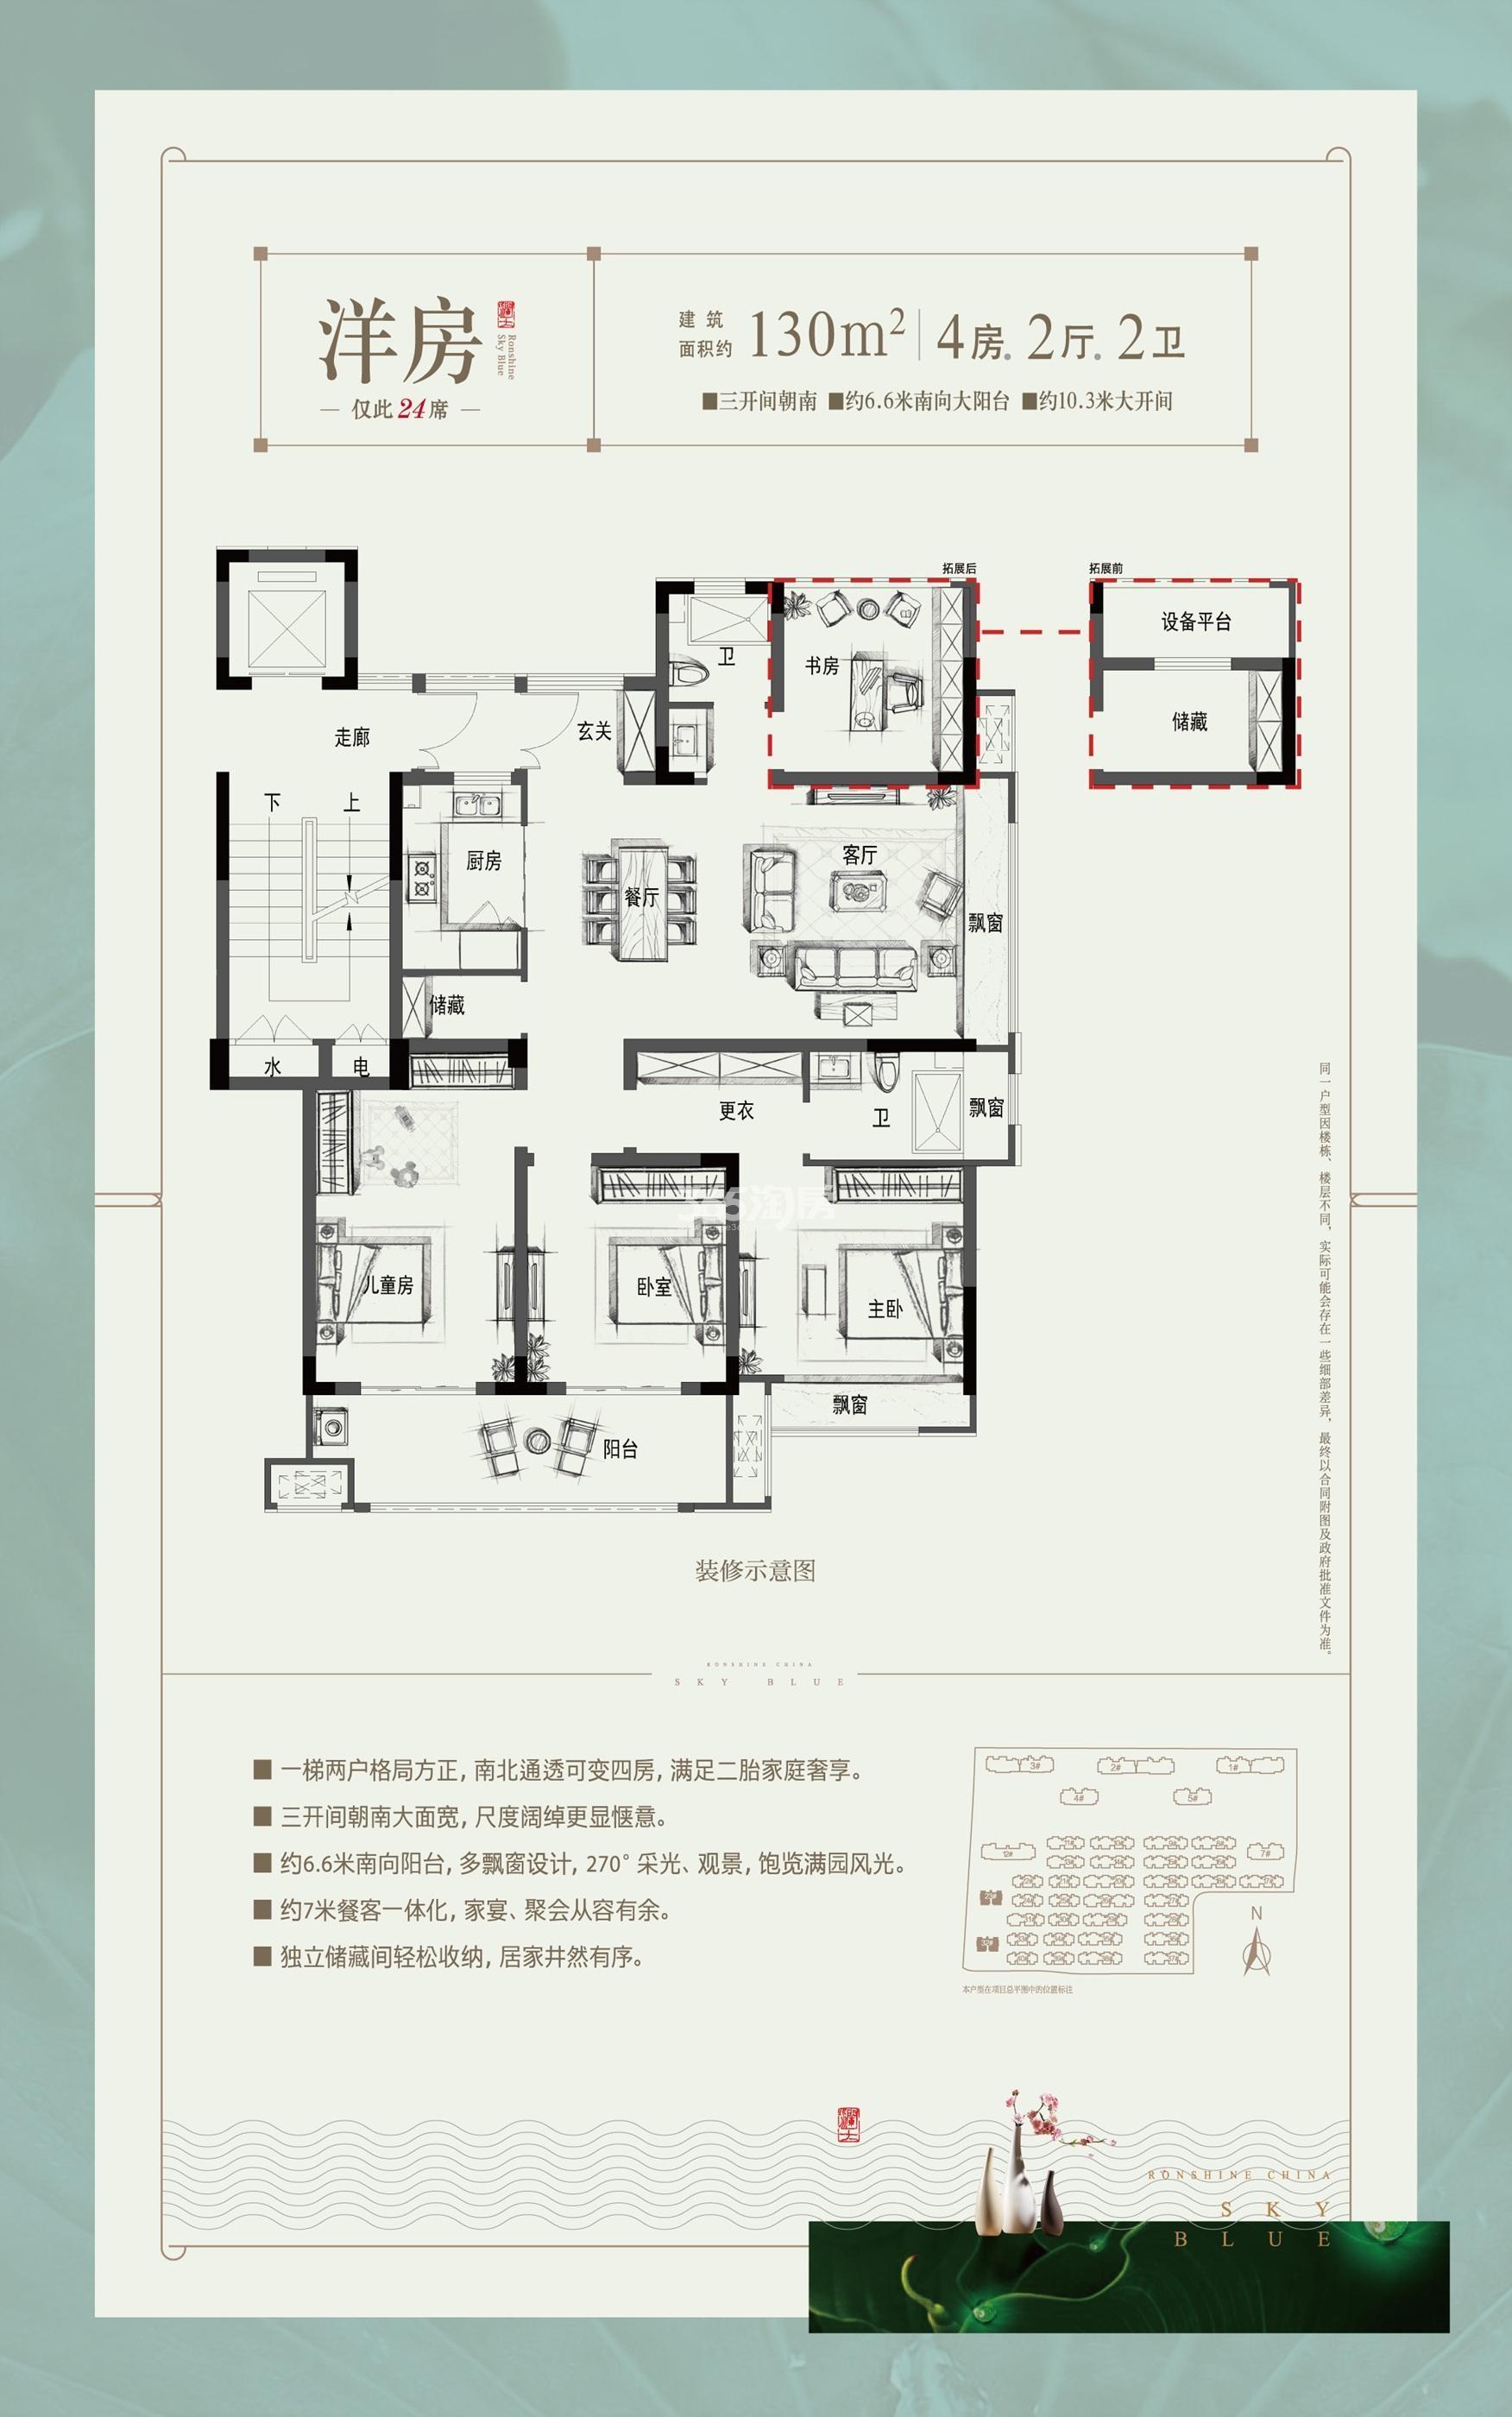 融信澜天洋房23、32号楼135方户型图